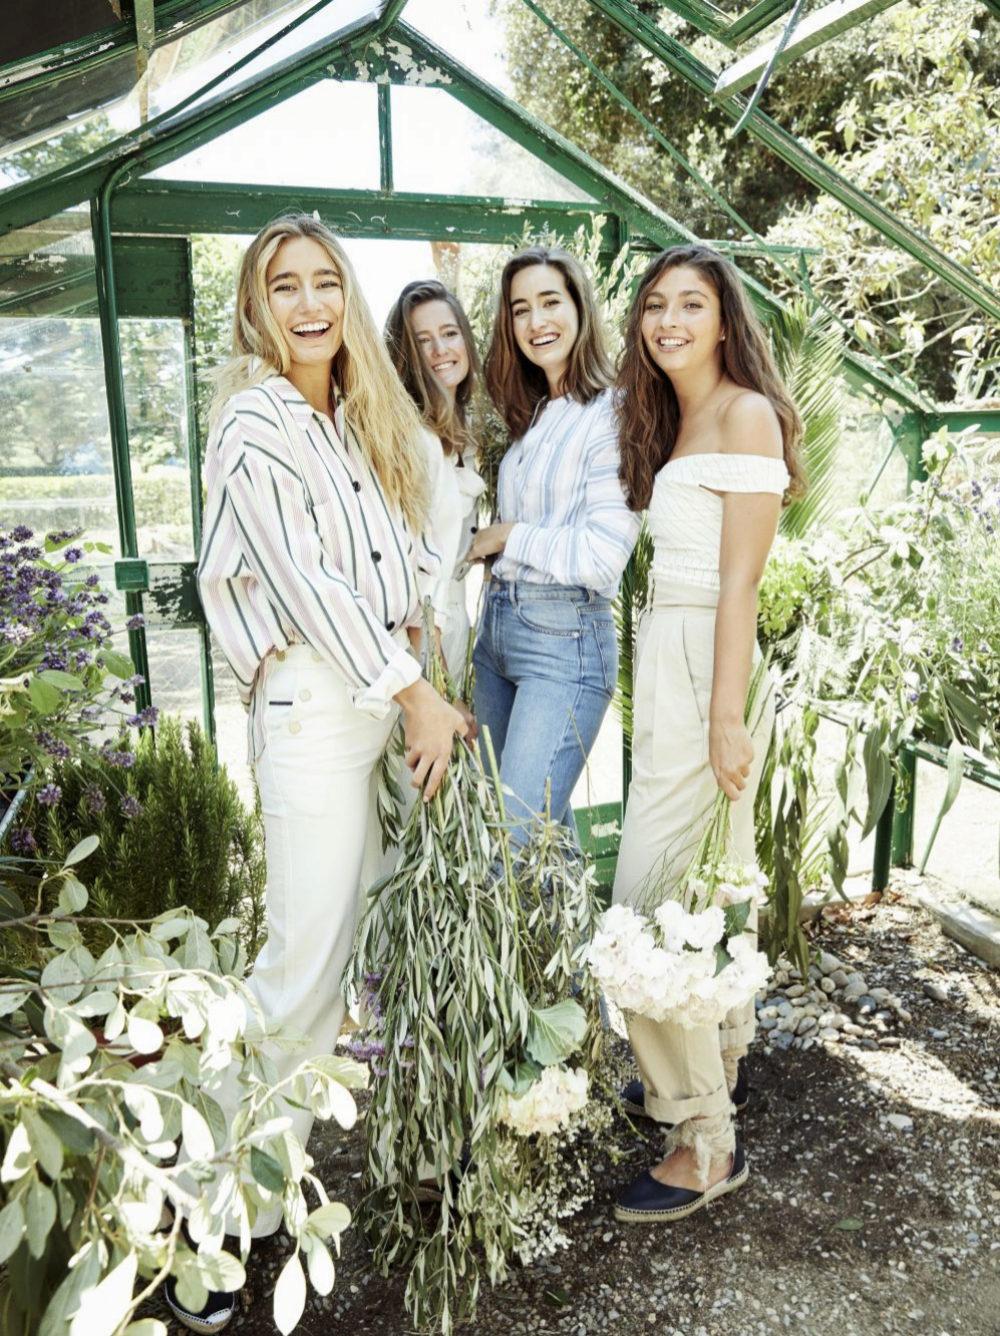 Pía, Sofía, Lucía y Alejandra, de la tercera generación de la saga...